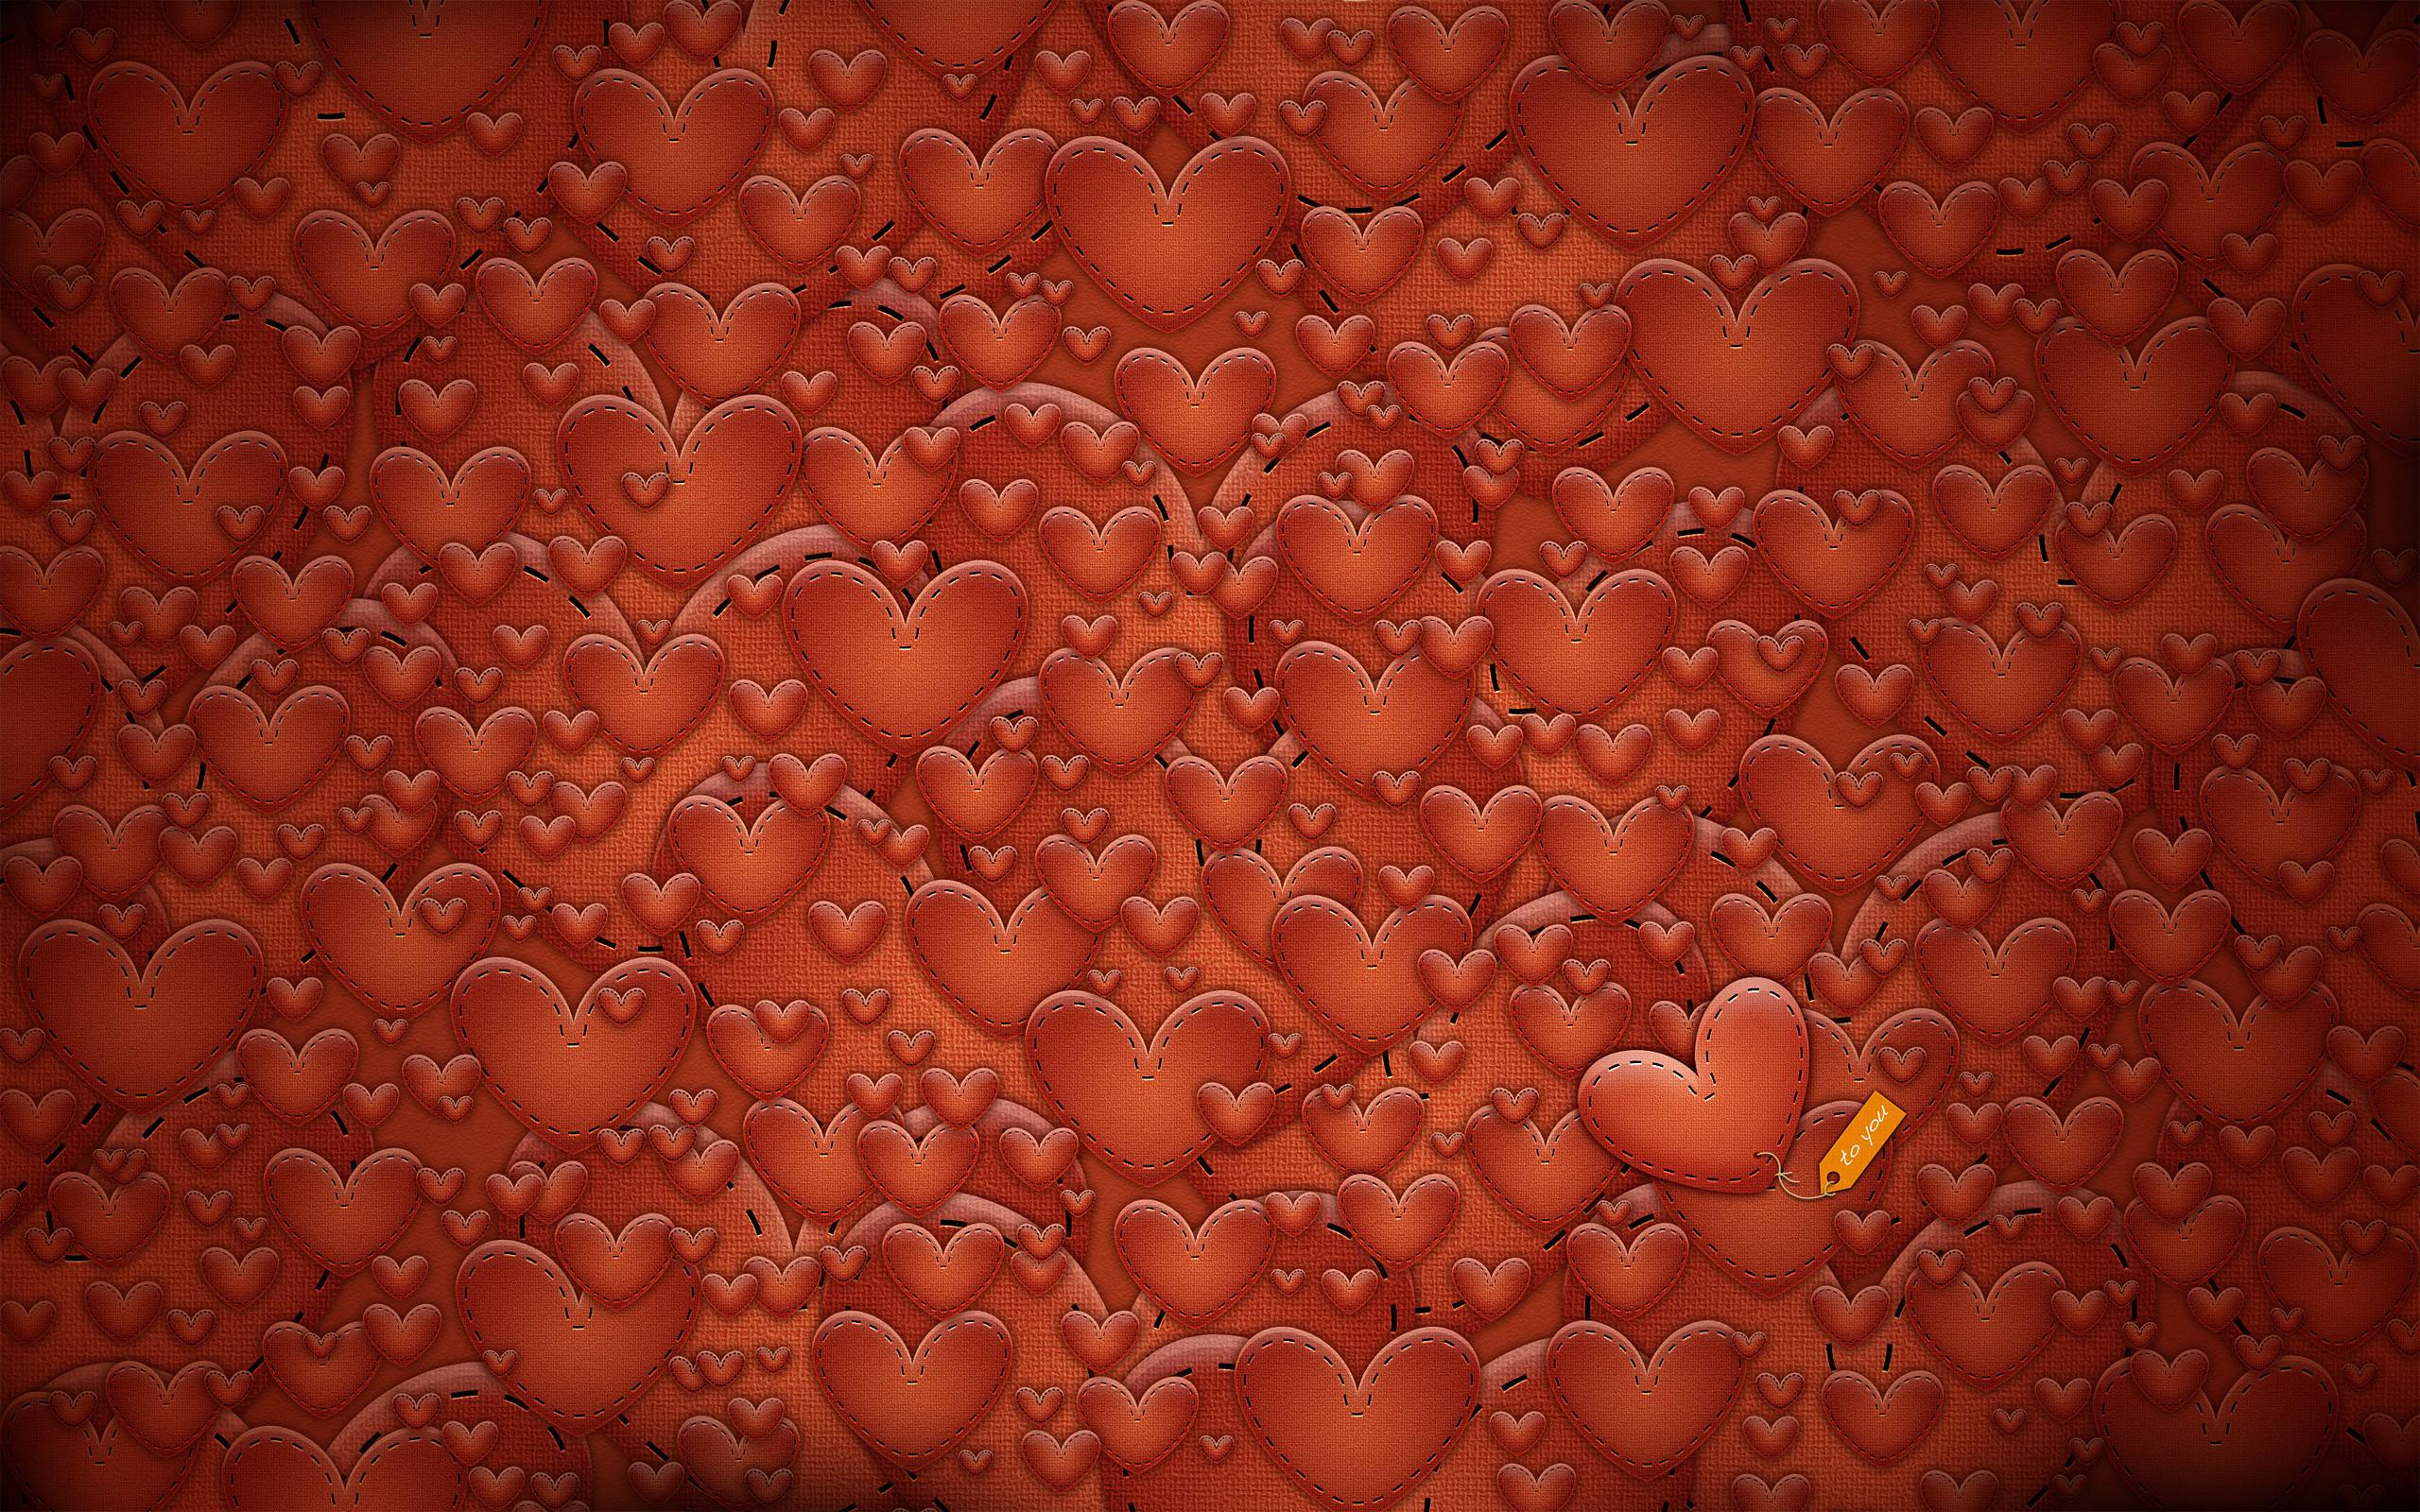 много сердец, текстура, фото, обои для ...: fotodes.ru/download/3240